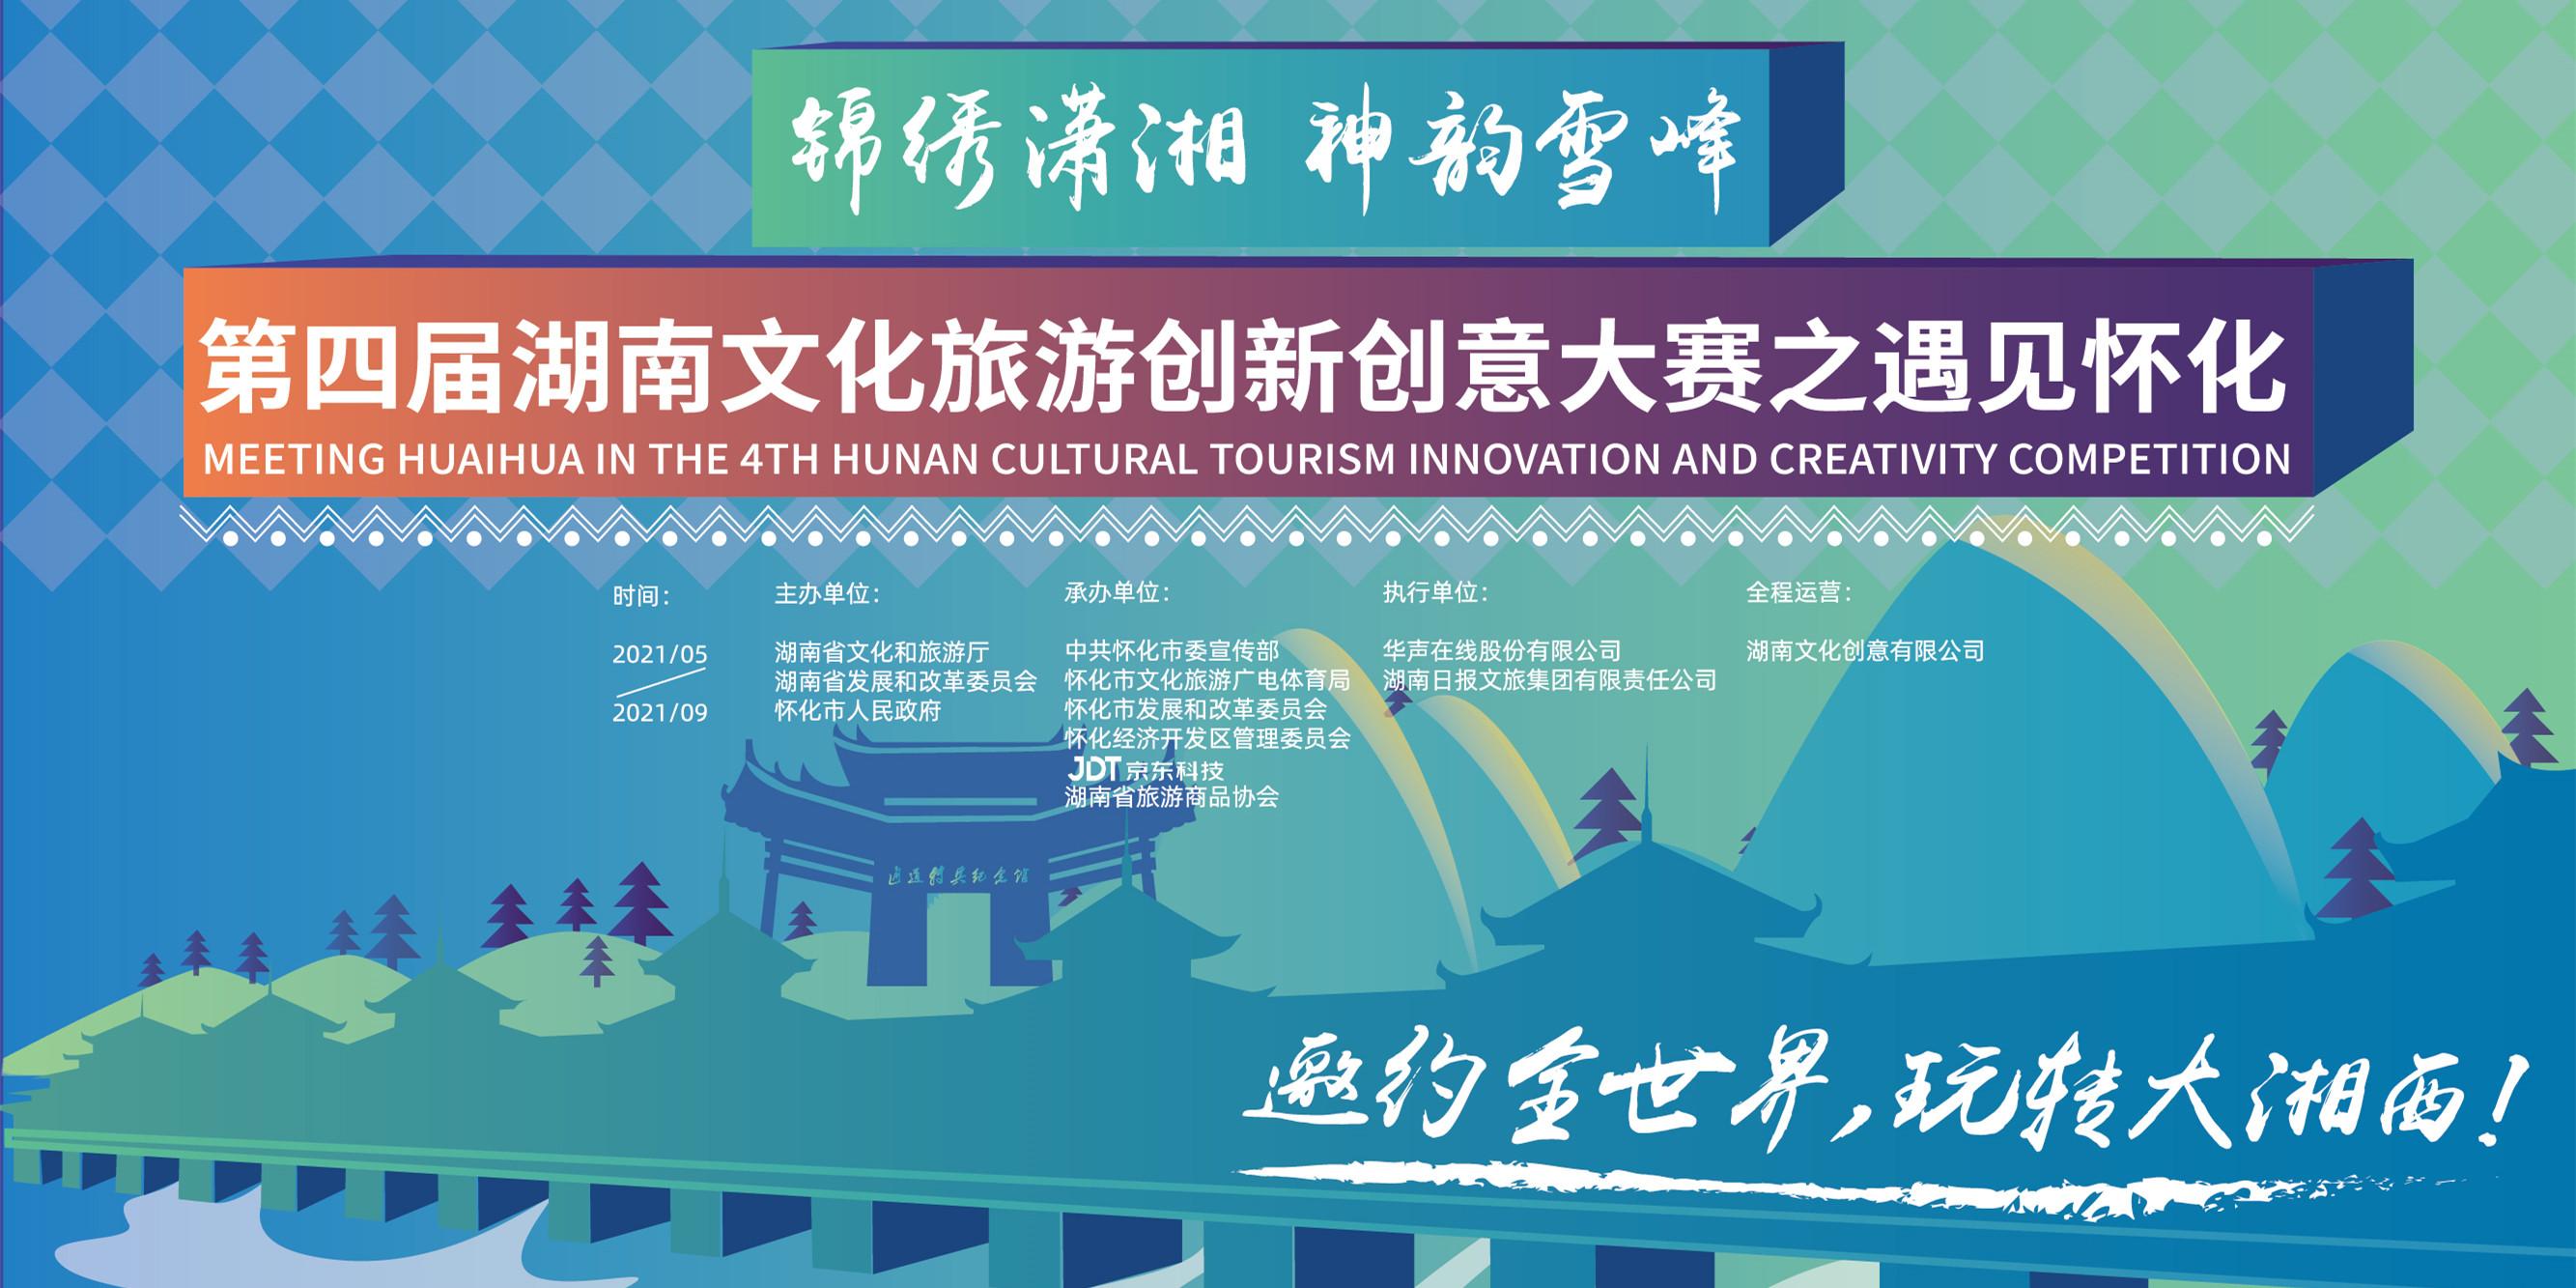 """第四届""""锦绣潇湘""""湖南文化旅游创新创意大赛之遇见怀化"""